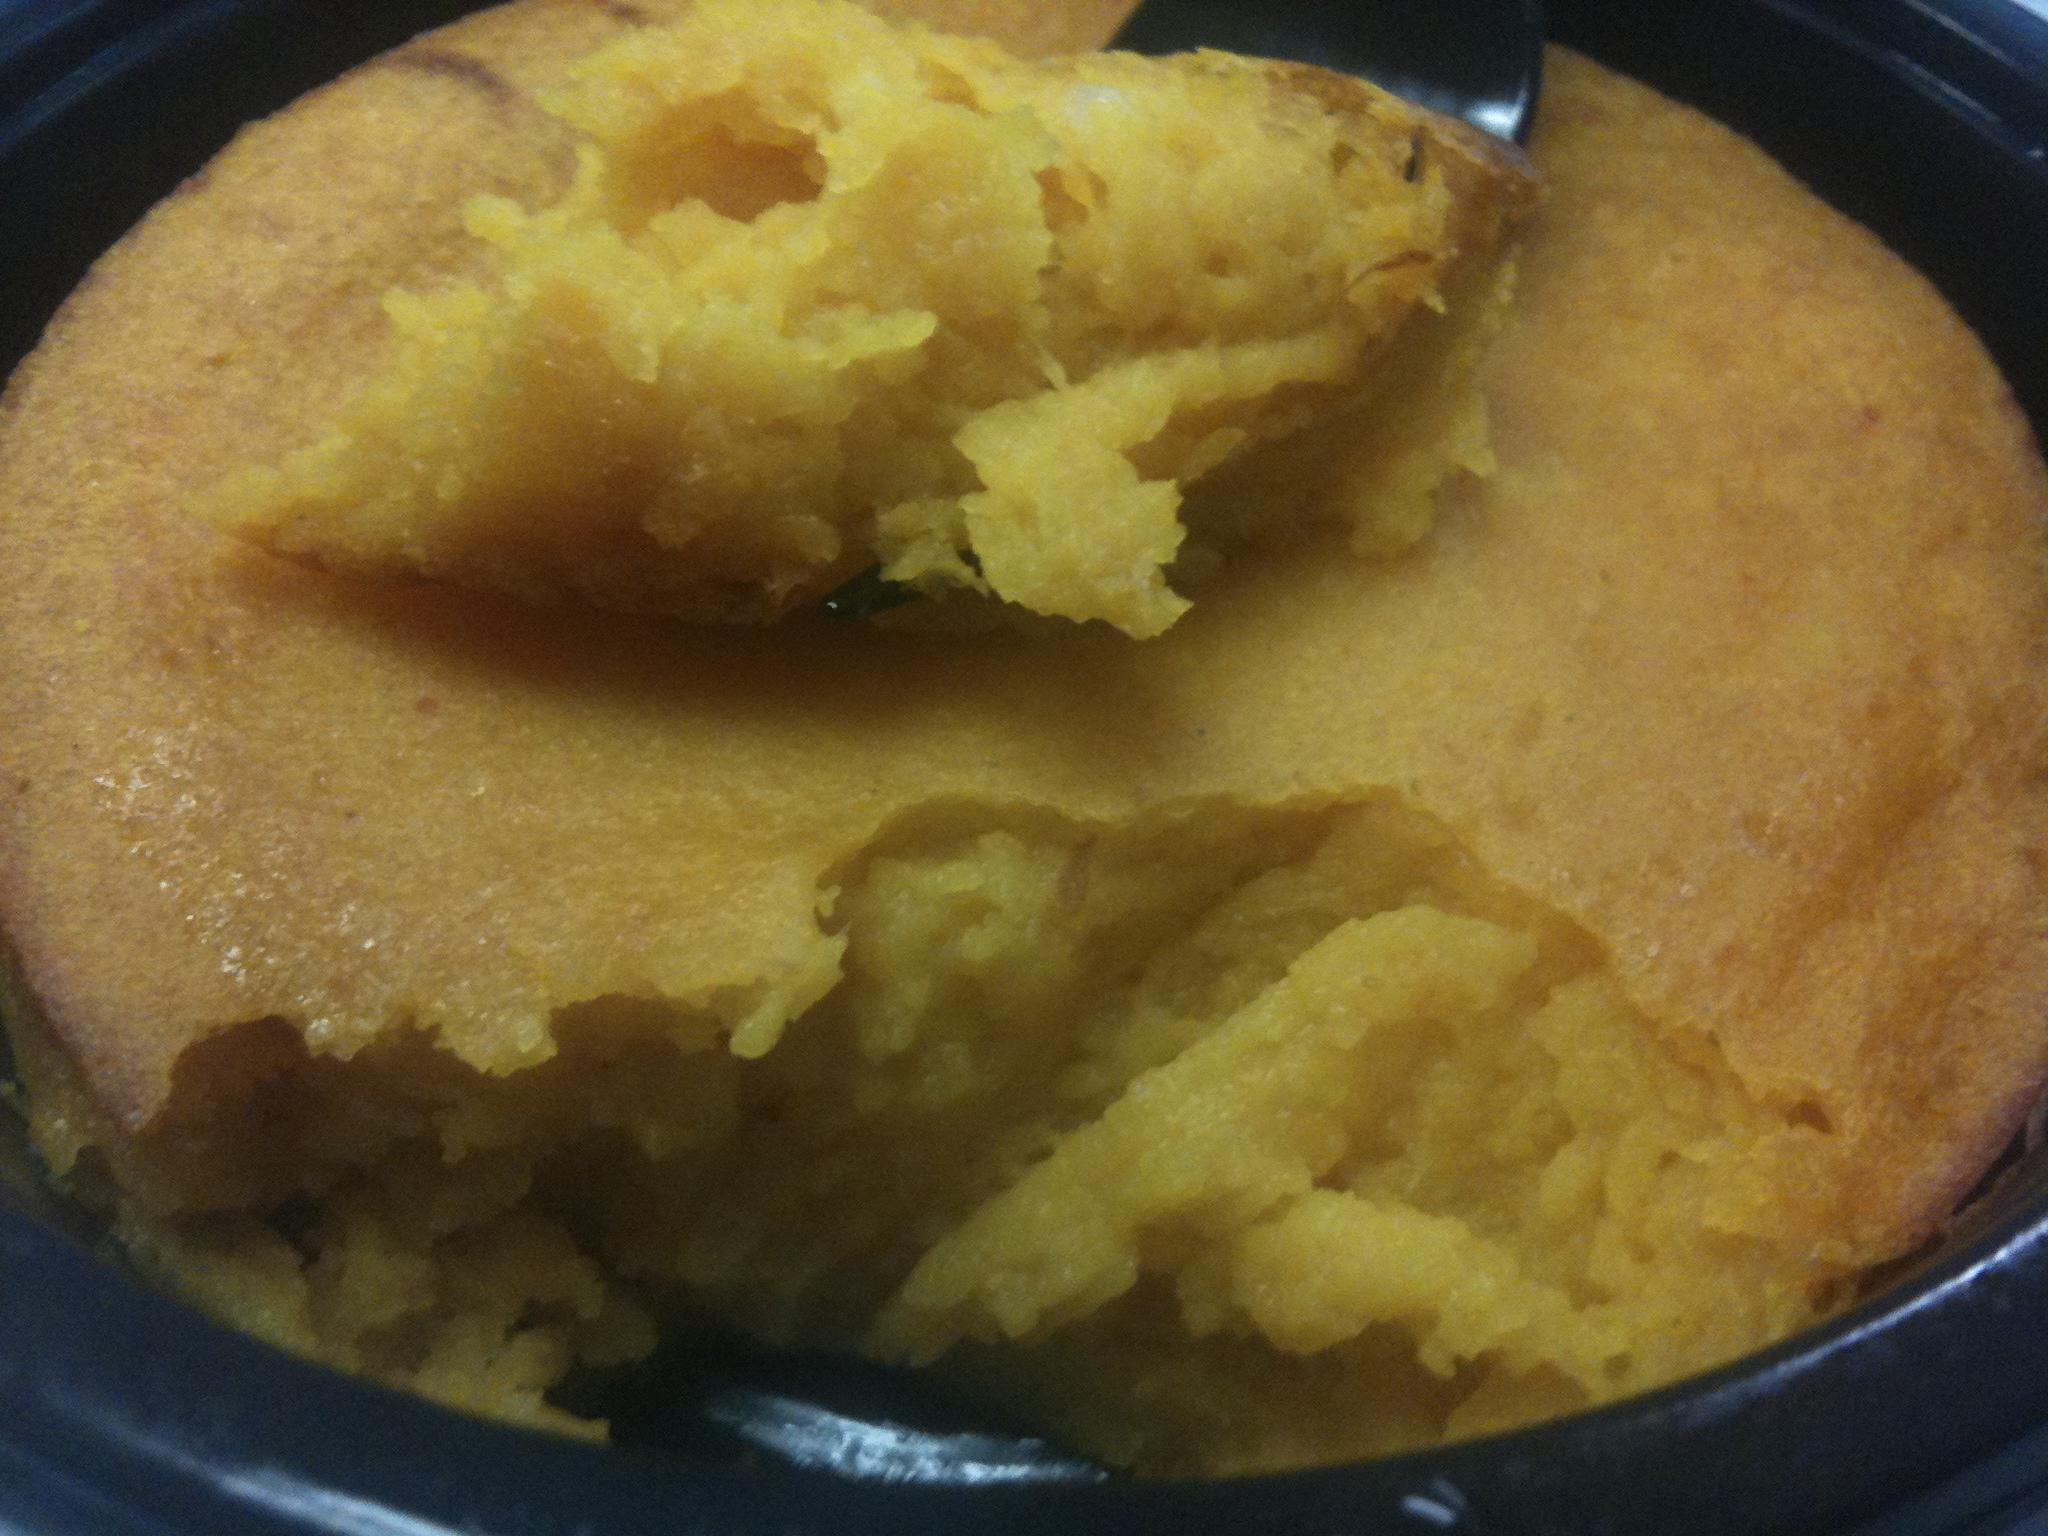 Garden Lites Gluten-Free Butternut Squash Soufflé | Veg On The Run